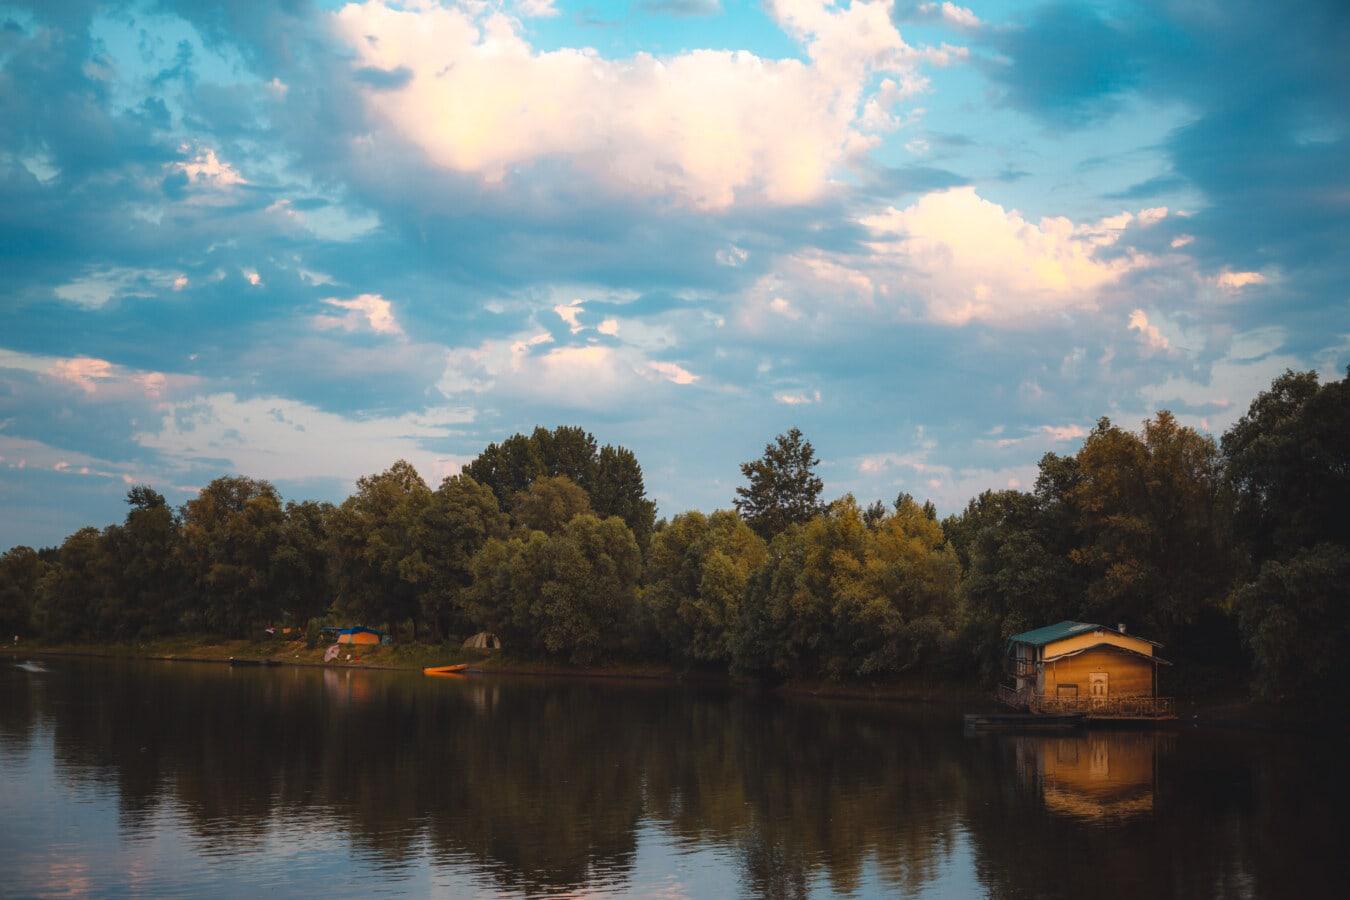 nad jeziorem, dom na łodzi, Zmierzch, Ośrodek, odbicie, Rzeka, krajobraz, wody, szopa, Jezioro